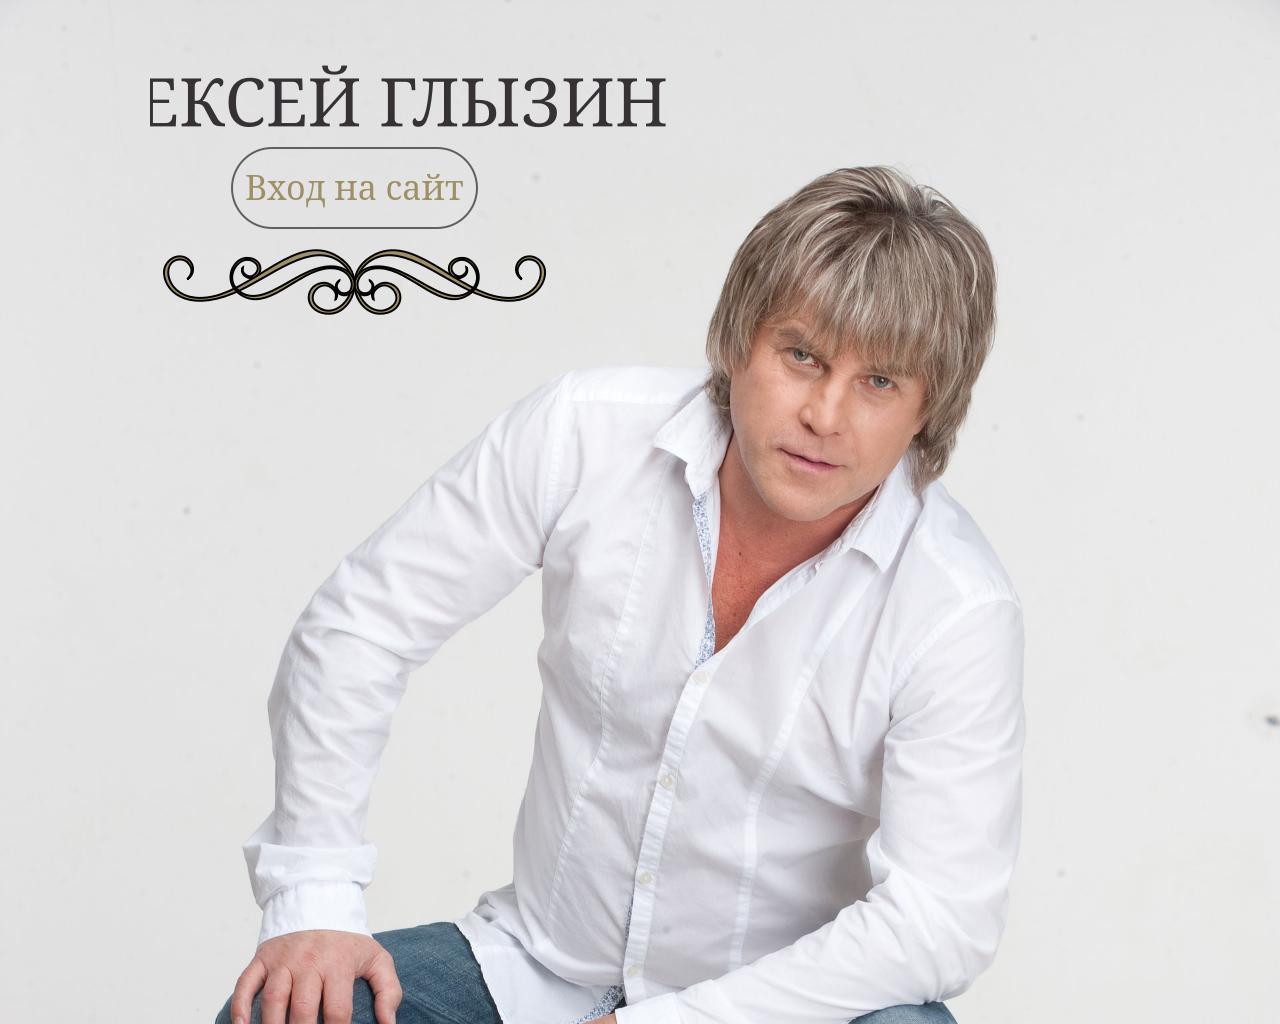 Алексей глызин его дети фото